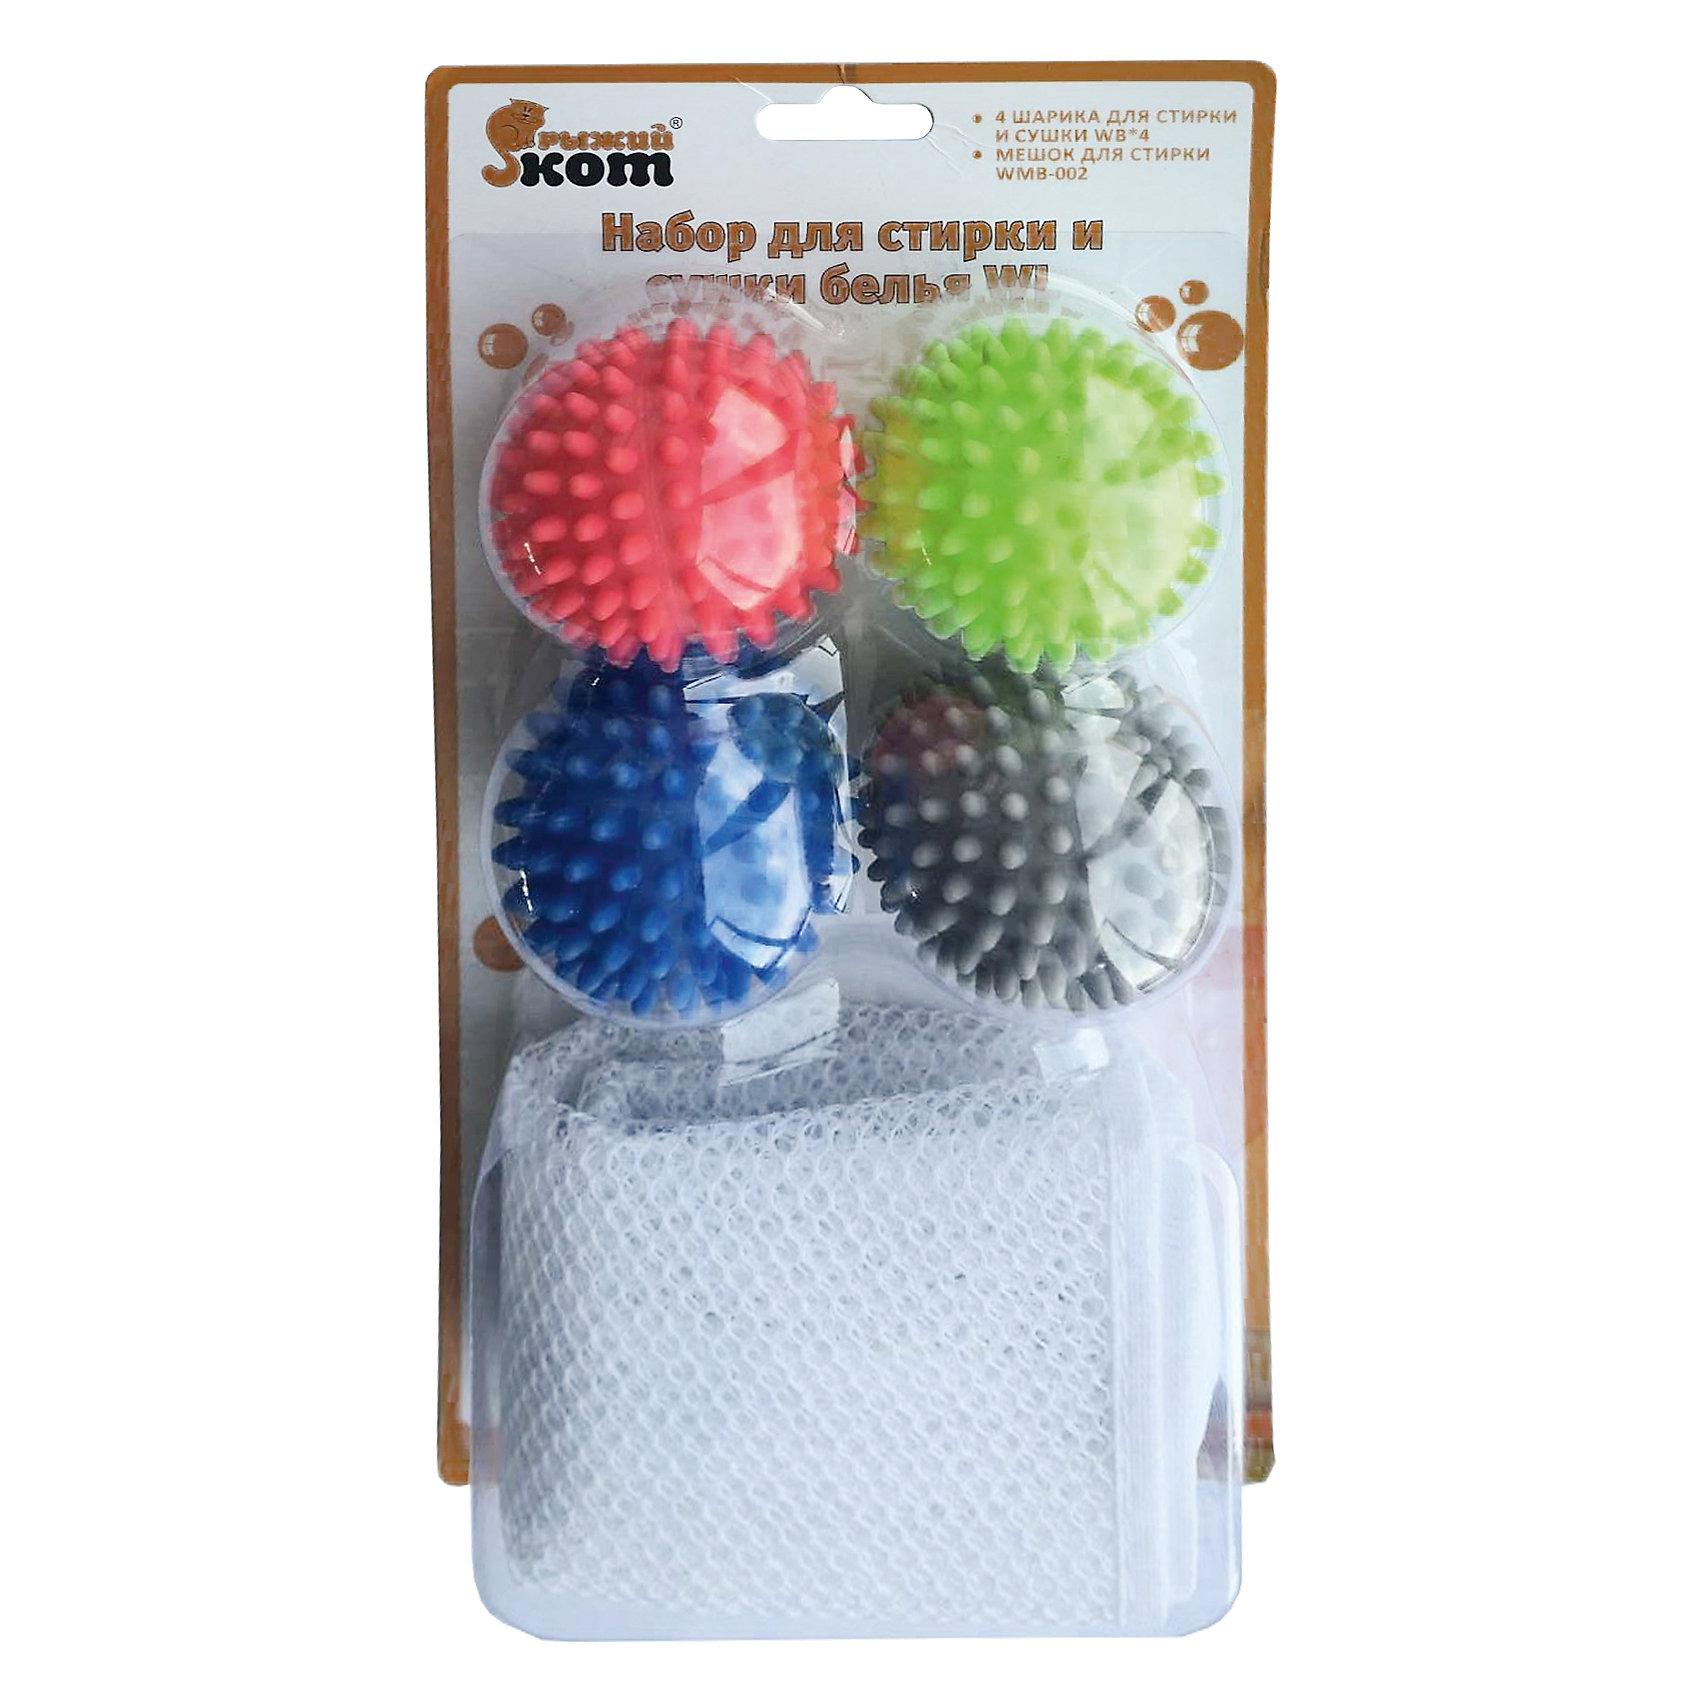 Набор для стирки и сушки белья WL, Рыжий котВанная комната<br>Набор для стирки и сушки белья WL, Рыжий кот<br><br>Характеристики:<br><br>• в комплекте: шарики для стирки и сушки (4 шт.), мешок для стирки с молнией<br>• шарики придают белью мягкость, уменьшают механическое воздействие и препятствуют образованию катышек<br>• мешок препятствует деформации белья<br>• диаметр шарика: 6 см<br>• размер мешка: 50х60 см<br>• плотность сетки мешка: 35 г/см2<br>• материал: пластик, полиэстер<br><br>Набор WL позаботится о вашем белье во время стирки. В комплект входят четыре шарика и мешок для сушки. Шарики можно использовать для стирки и сушки белья. Они уменьшают механическое воздействие при стирке, придают белью мягкость и препятствуют образованию катышек. Мешок для стирки имеет молнию и сетчатую поверхность. Он поможет избежать деформации белья при стирке в стиральной машине.<br><br>Набор для стирки и сушки белья WL, Рыжий кот можно купить в нашем интернет-магазине.<br><br>Ширина мм: 320<br>Глубина мм: 170<br>Высота мм: 70<br>Вес г: 267<br>Возраст от месяцев: 216<br>Возраст до месяцев: 1188<br>Пол: Унисекс<br>Возраст: Детский<br>SKU: 5454099